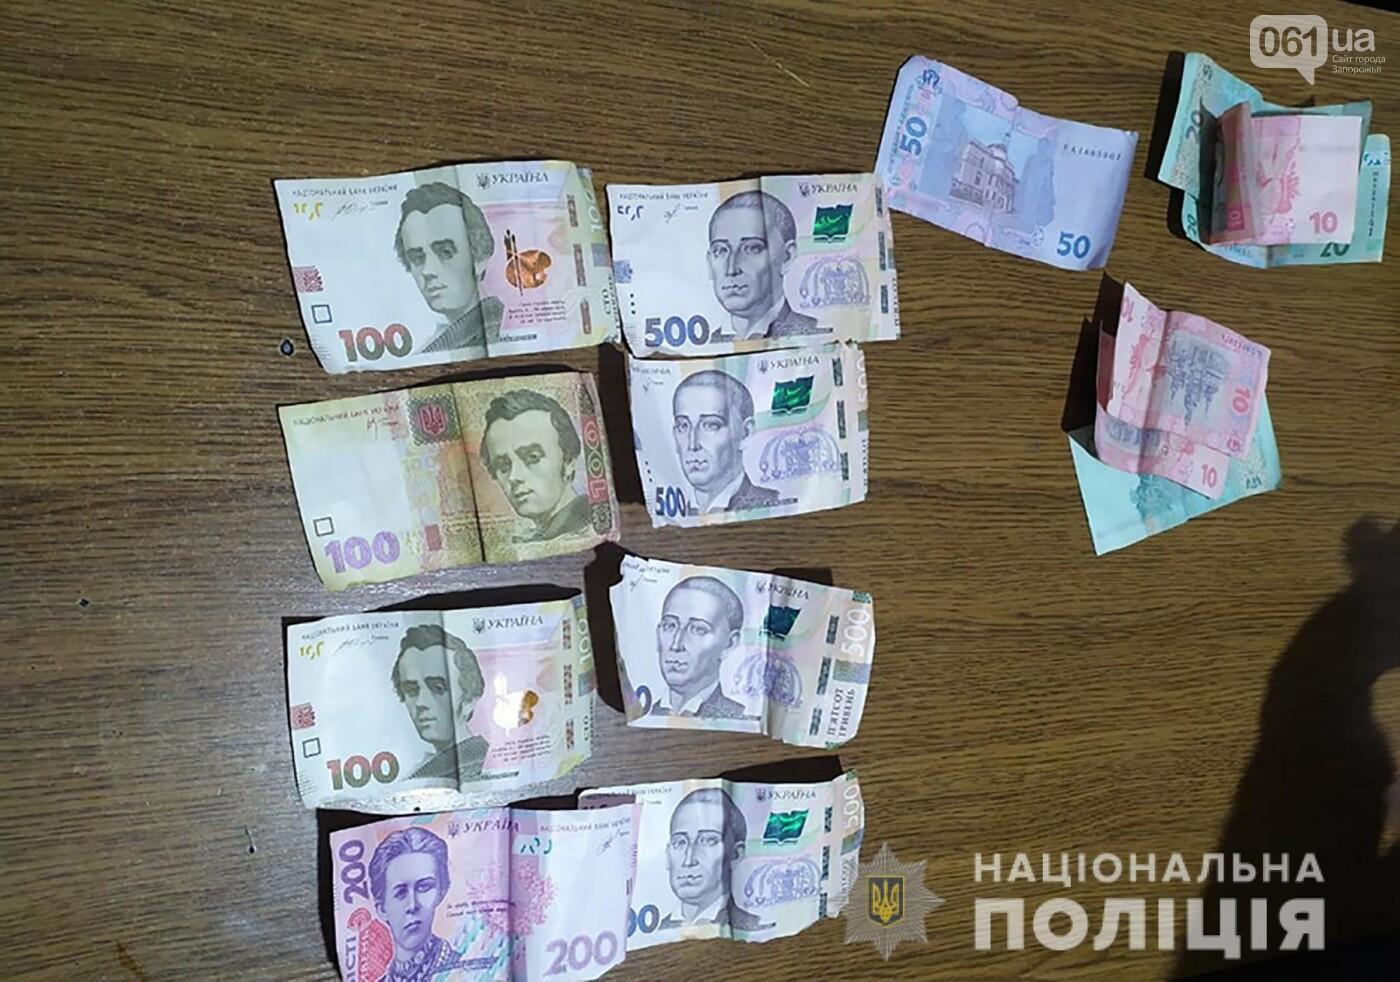 В Запорожской области задержали пару по подозрению в совершению квартирных краж, фото-1